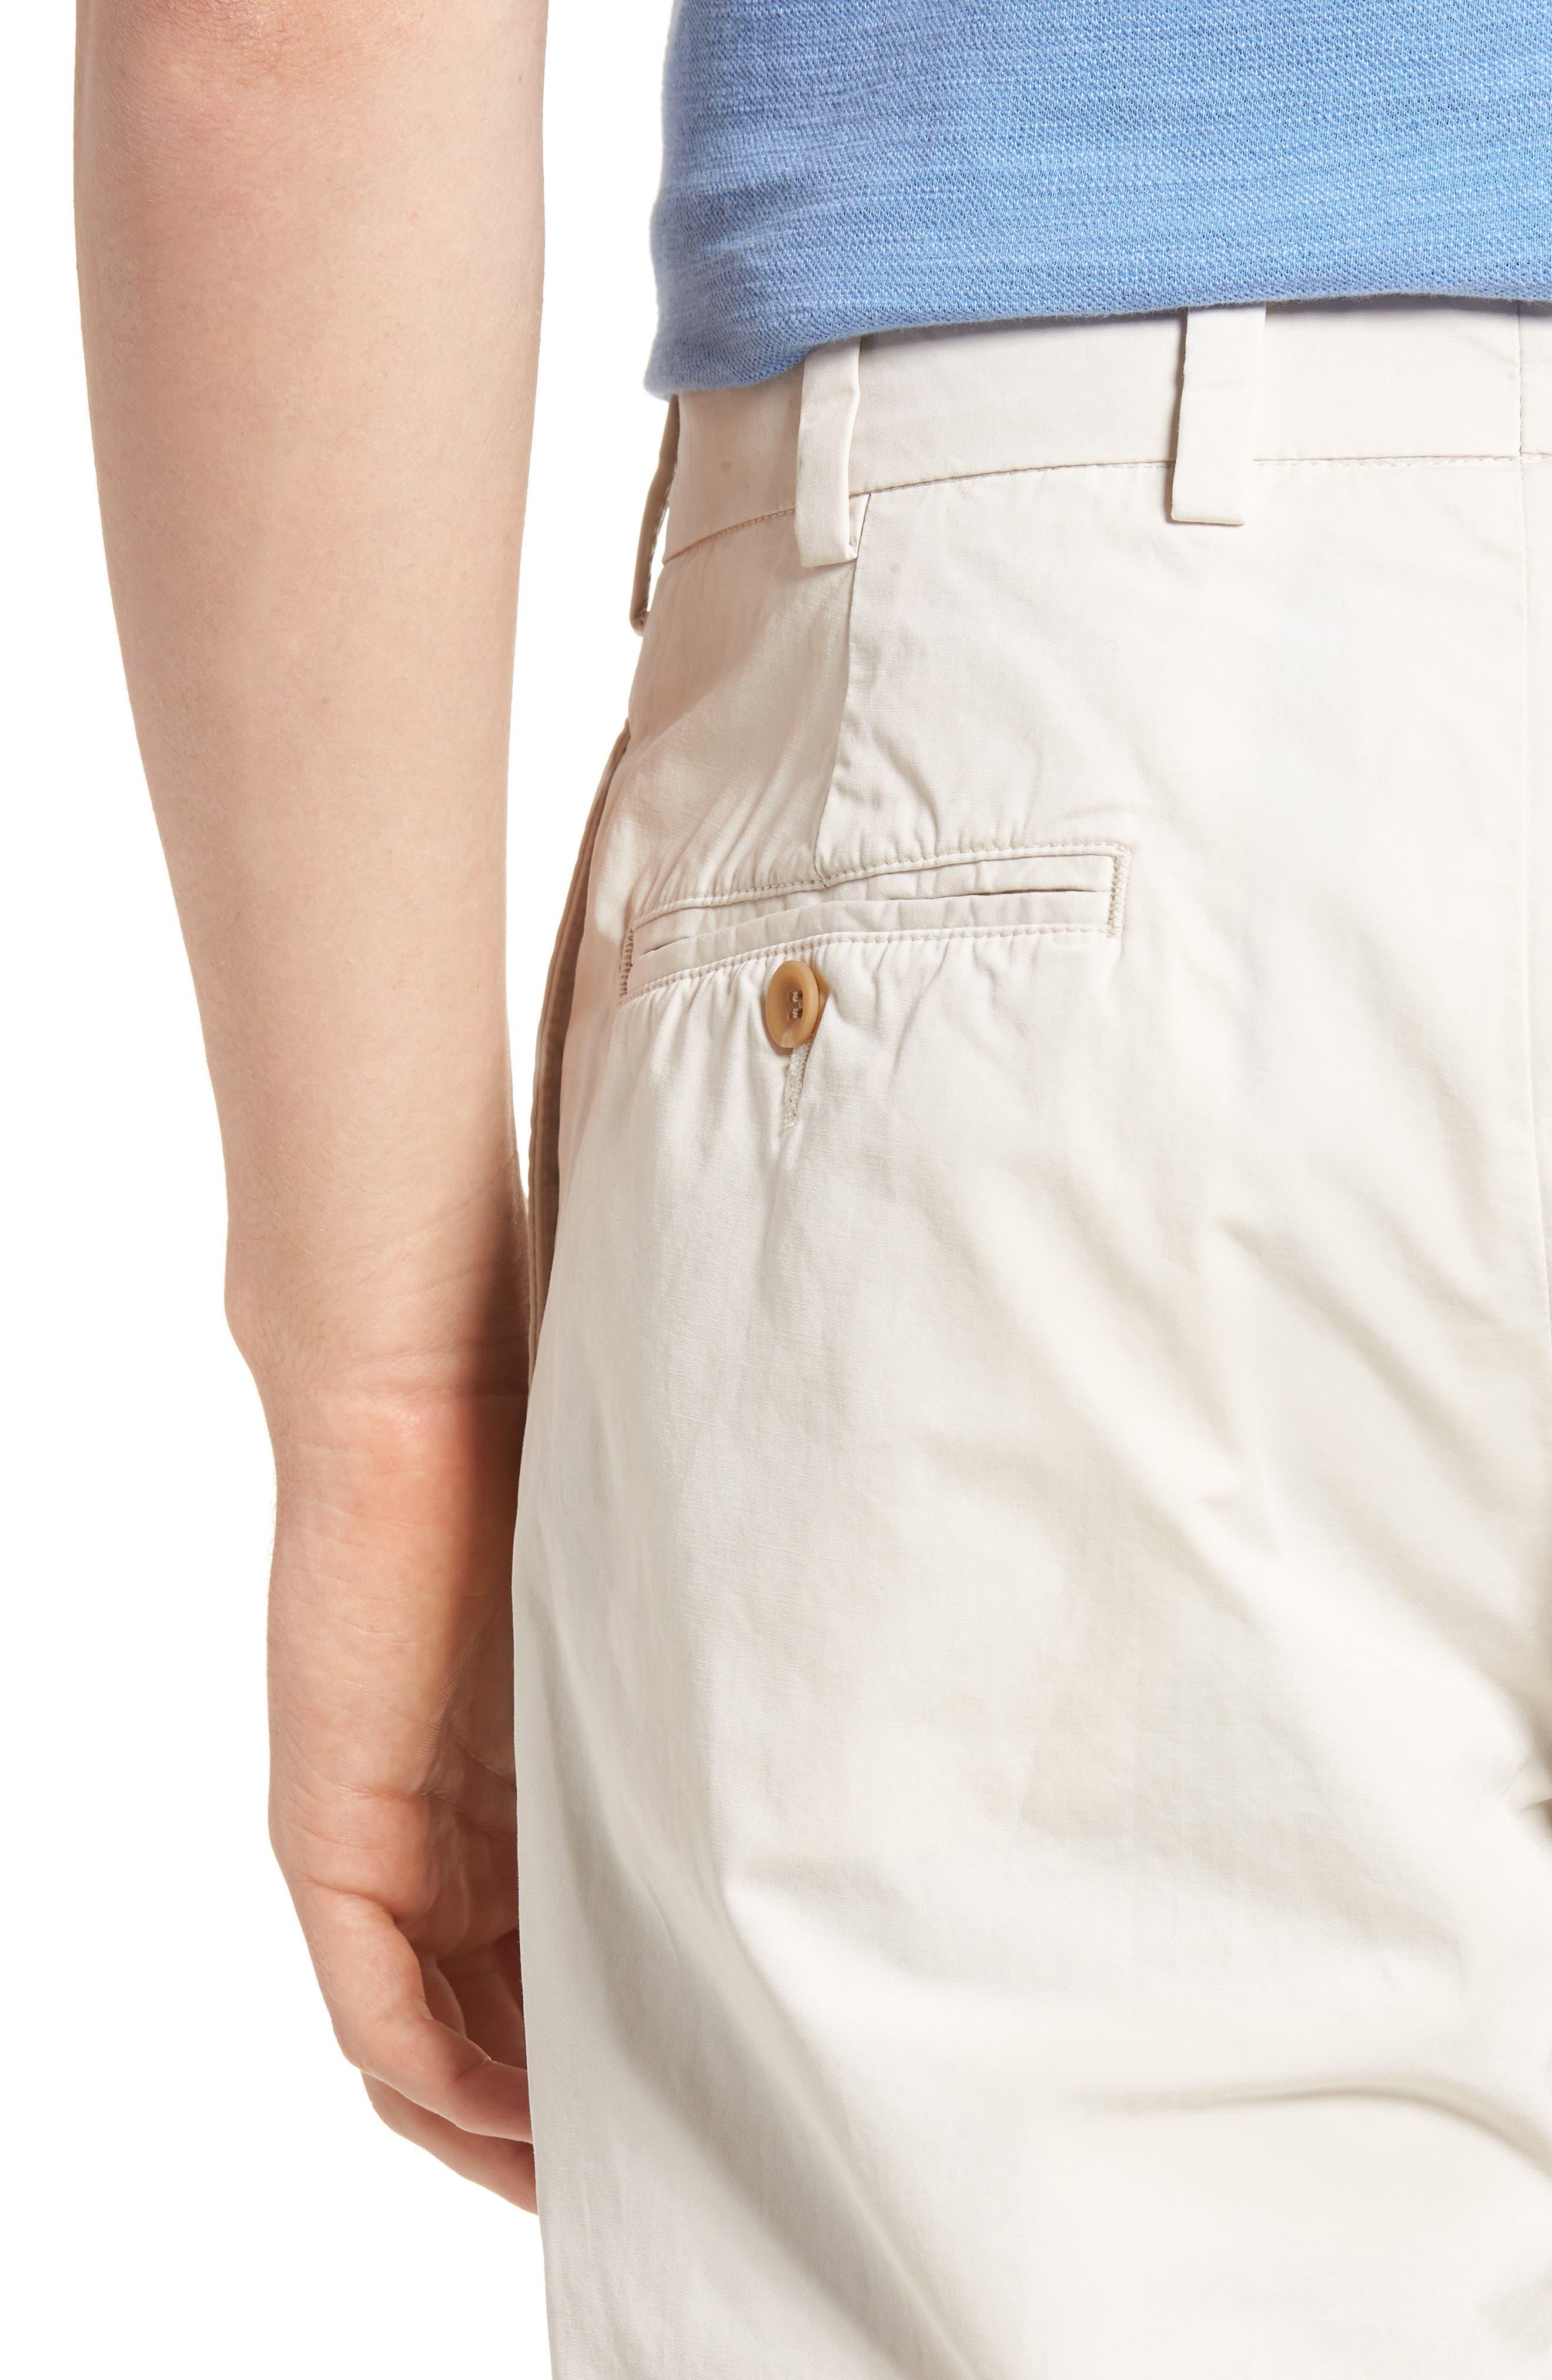 M2 Classic Fit Flat Front Tropical Cotton Poplin Pants,                             Alternate thumbnail 4, color,                             Sand